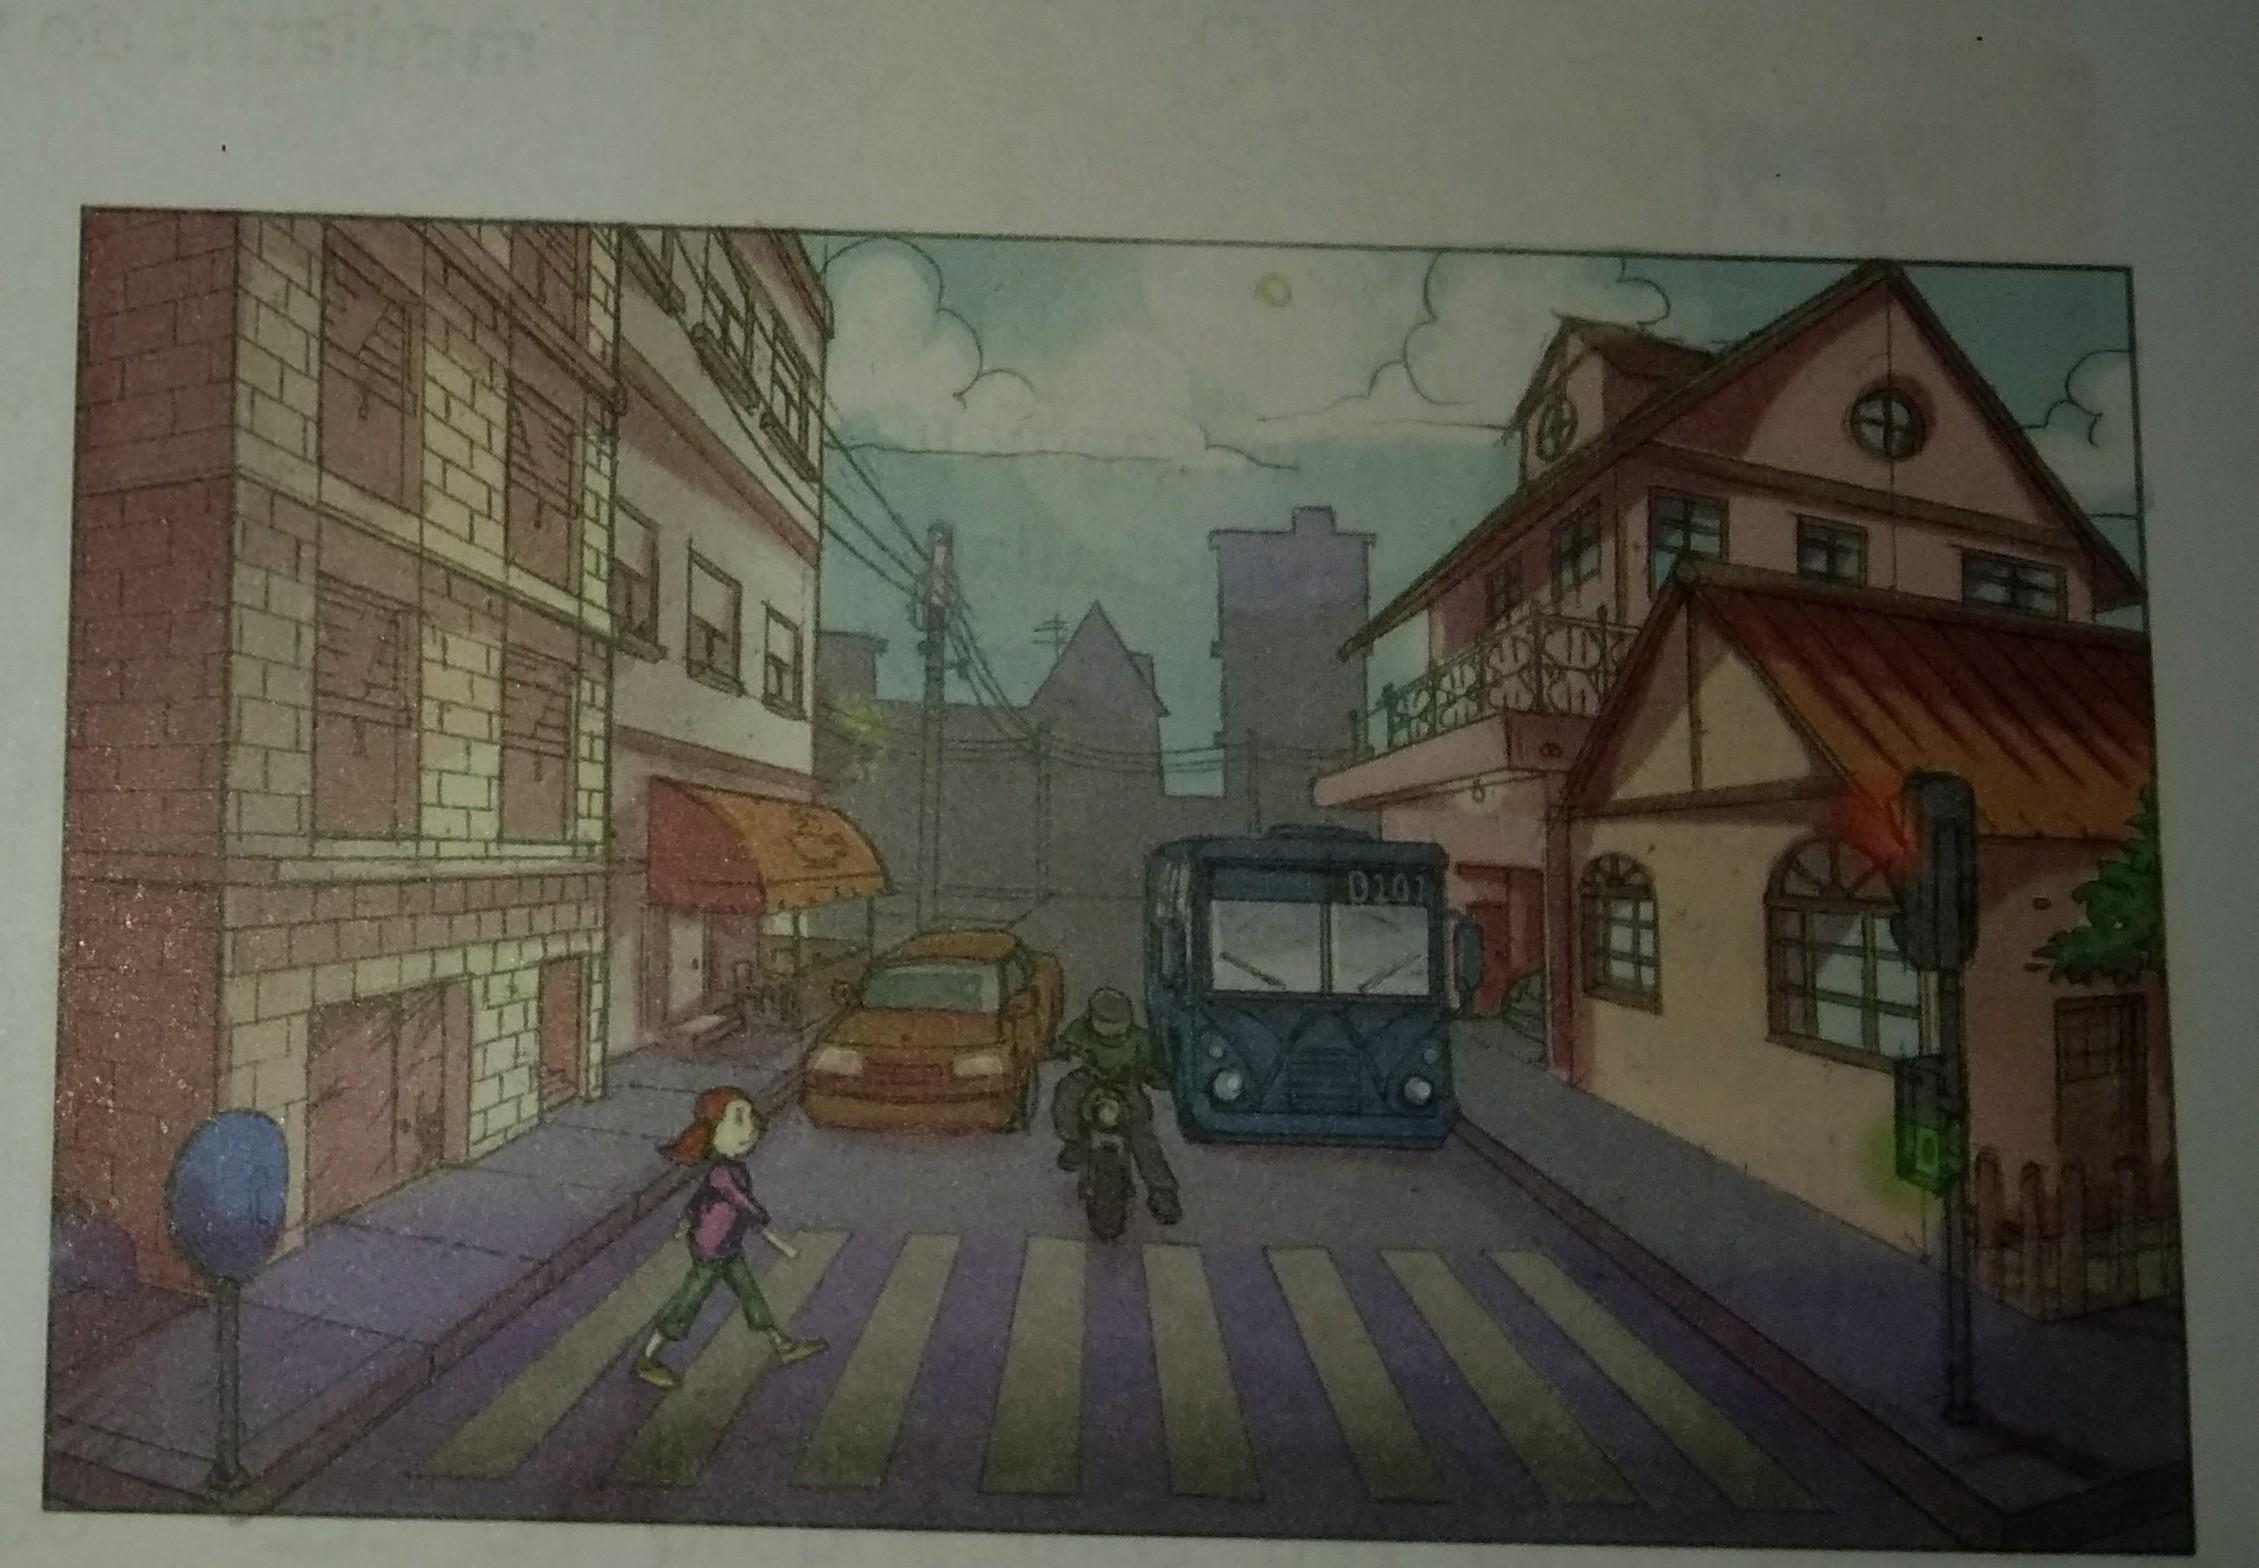 4cfc532ca A figura representa um trecho de uma rua de uma cidade. Nesse trecho da  rua, as calçadas são paralelas e a faixa de pedestres é formada por um  conjunto de ...